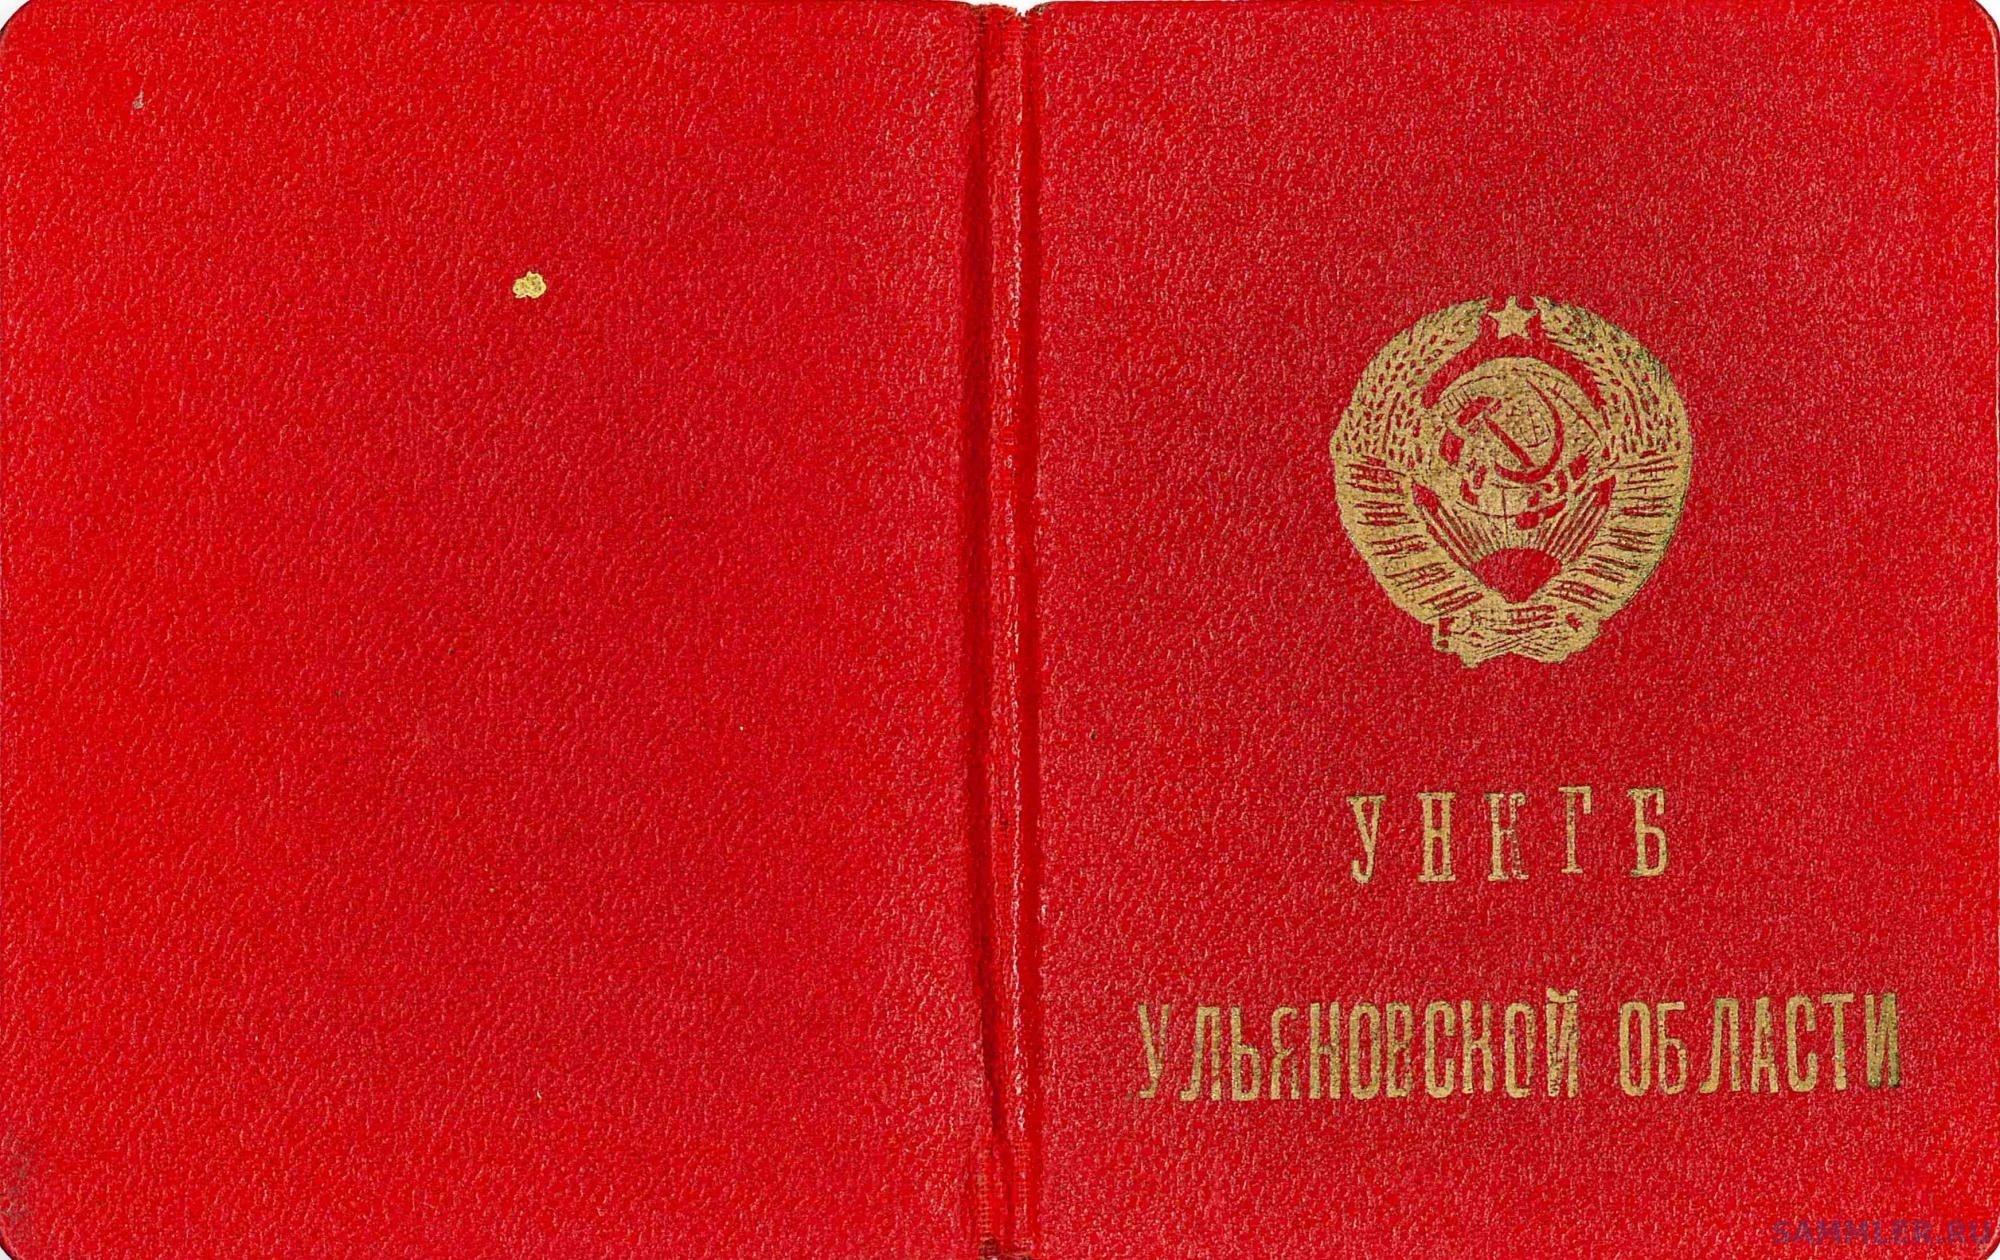 Удостоверение УНКГБ Ульяновской области УН 170 Степануха Прокофий Петрович-1.jpg